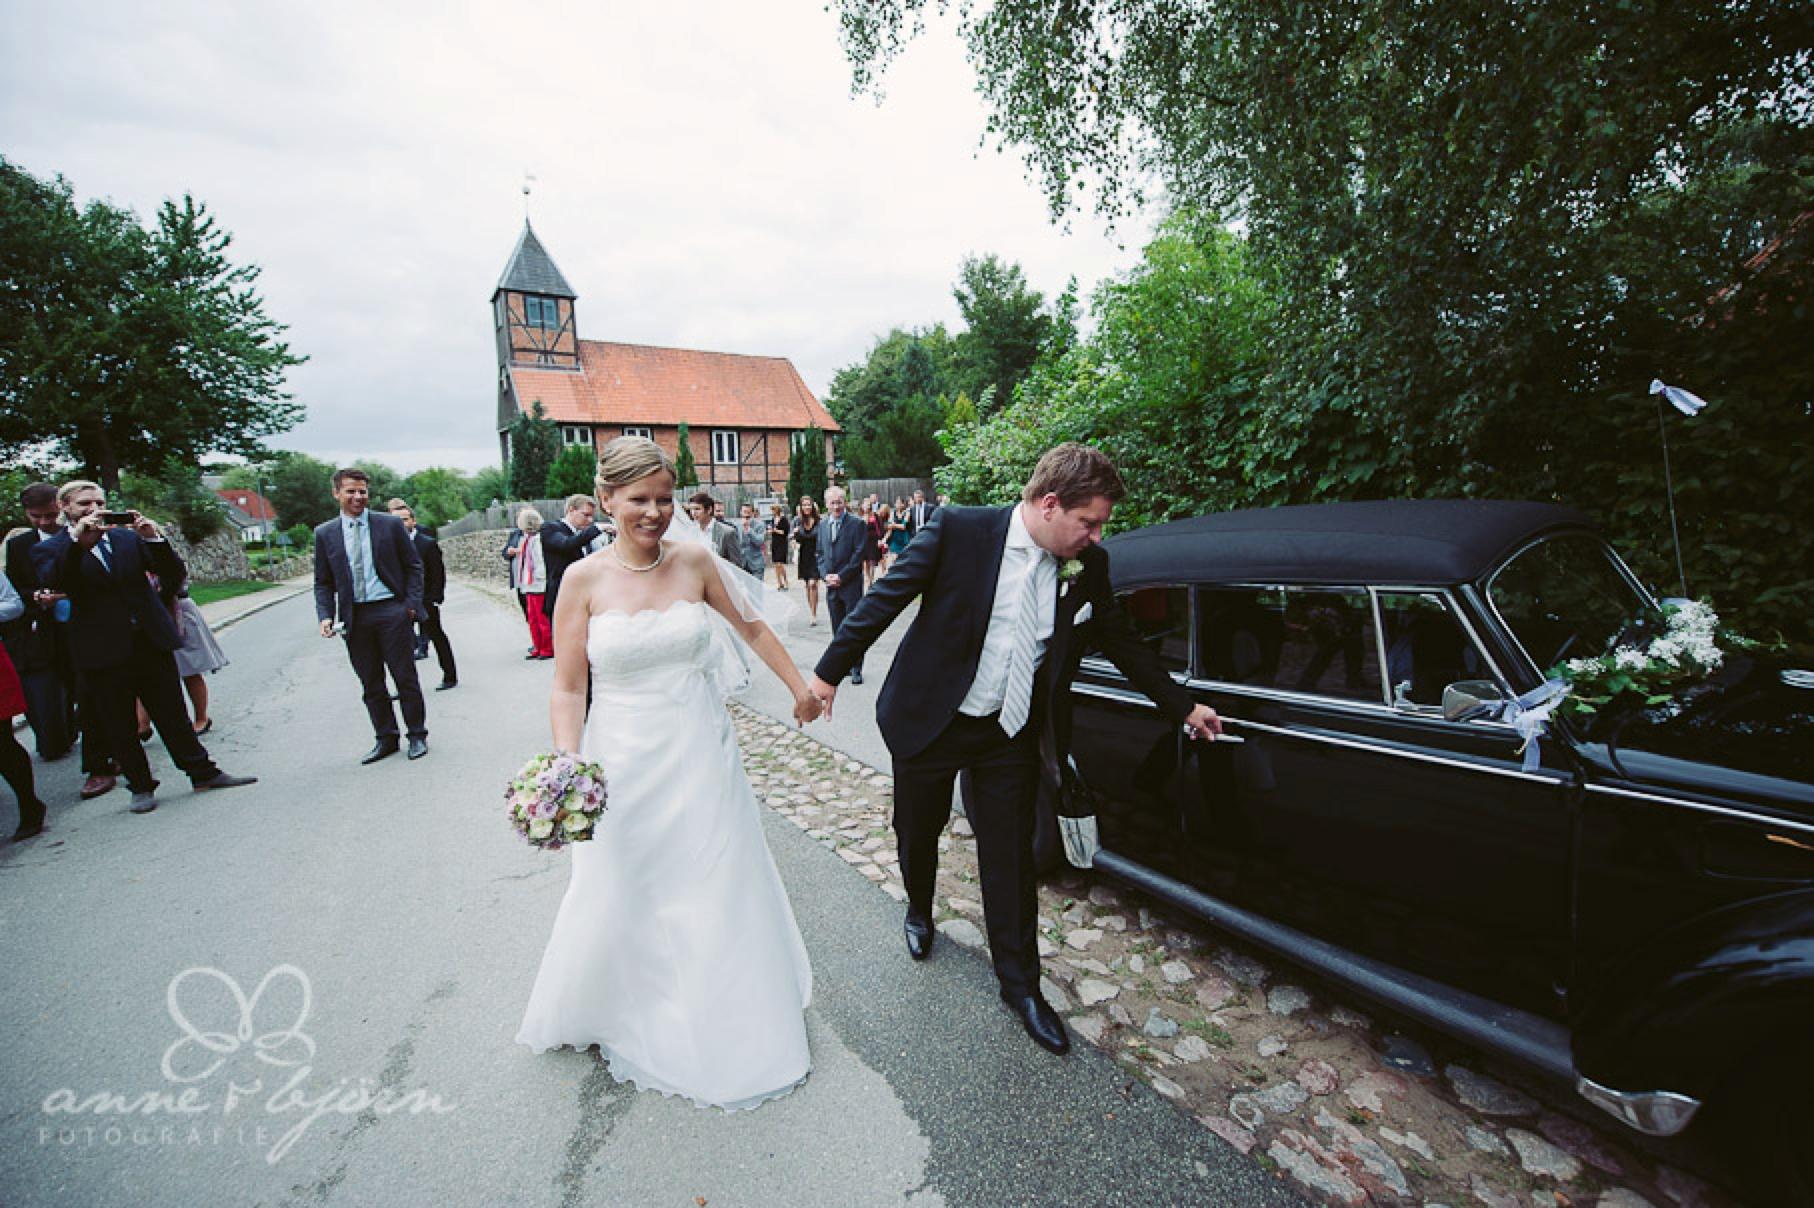 0068 cup aub 16342 1 - Conny und Philipp - Hochzeit im Hotel Waldhof auf Herrenland